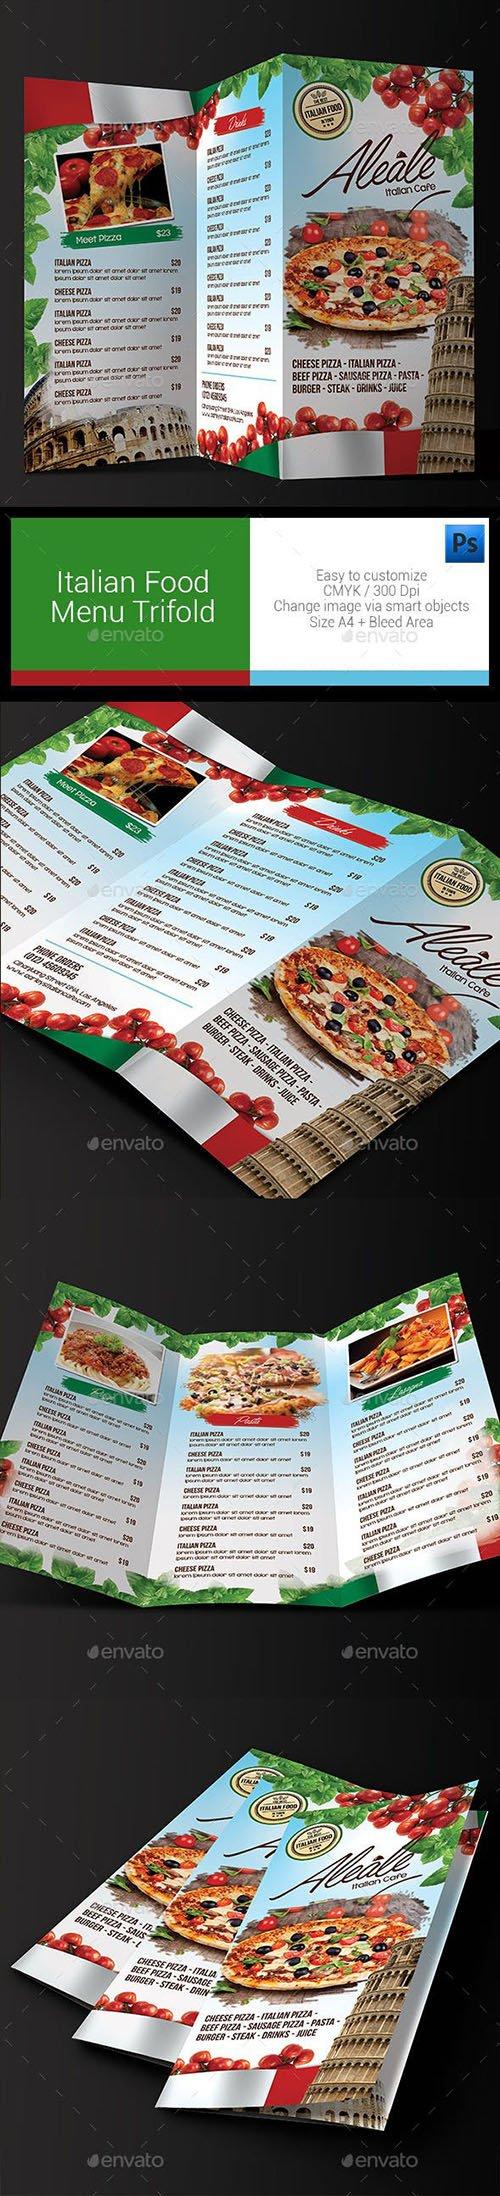 GR - Italian Food Menu Trifold 11335600